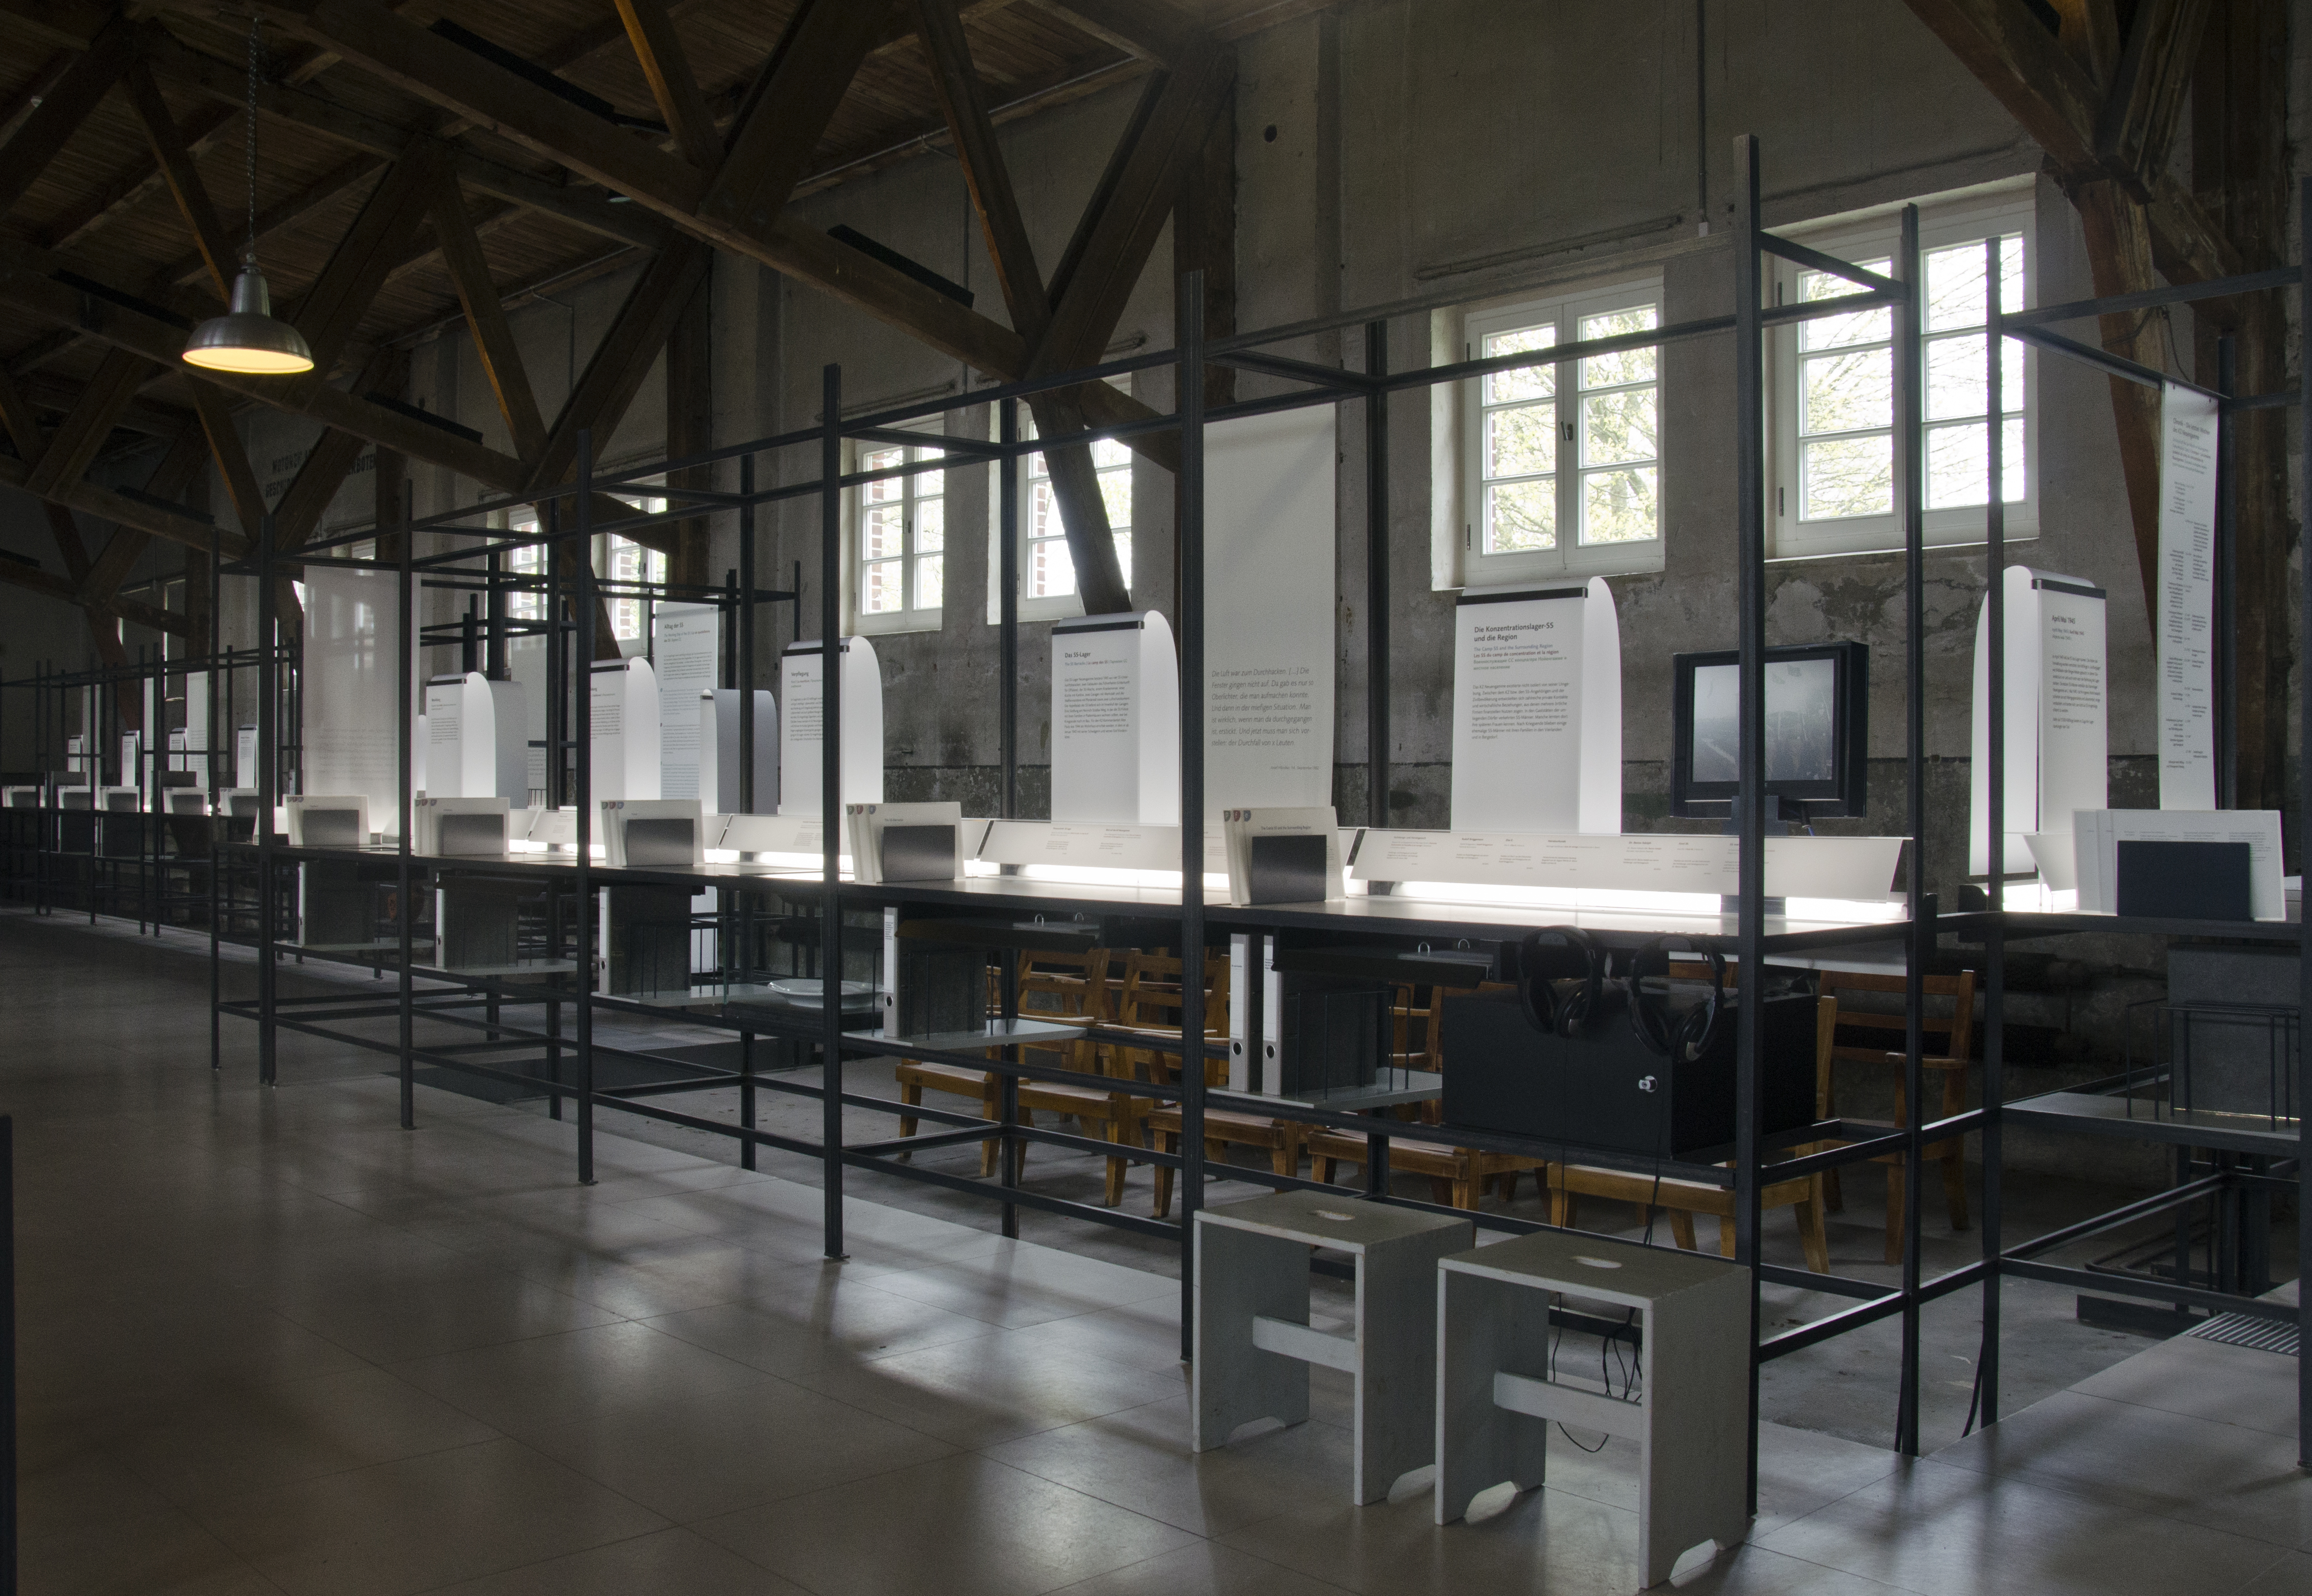 Dienststelle KZ Neuengamme: Die Lager-SS in Hamburg, Ausstellung, 09.06.2018, KZ-Gedenkstätte Neuengamme - Copyright KZ-Gedenkstätte Neuengamme, Foto: Emily Mohney